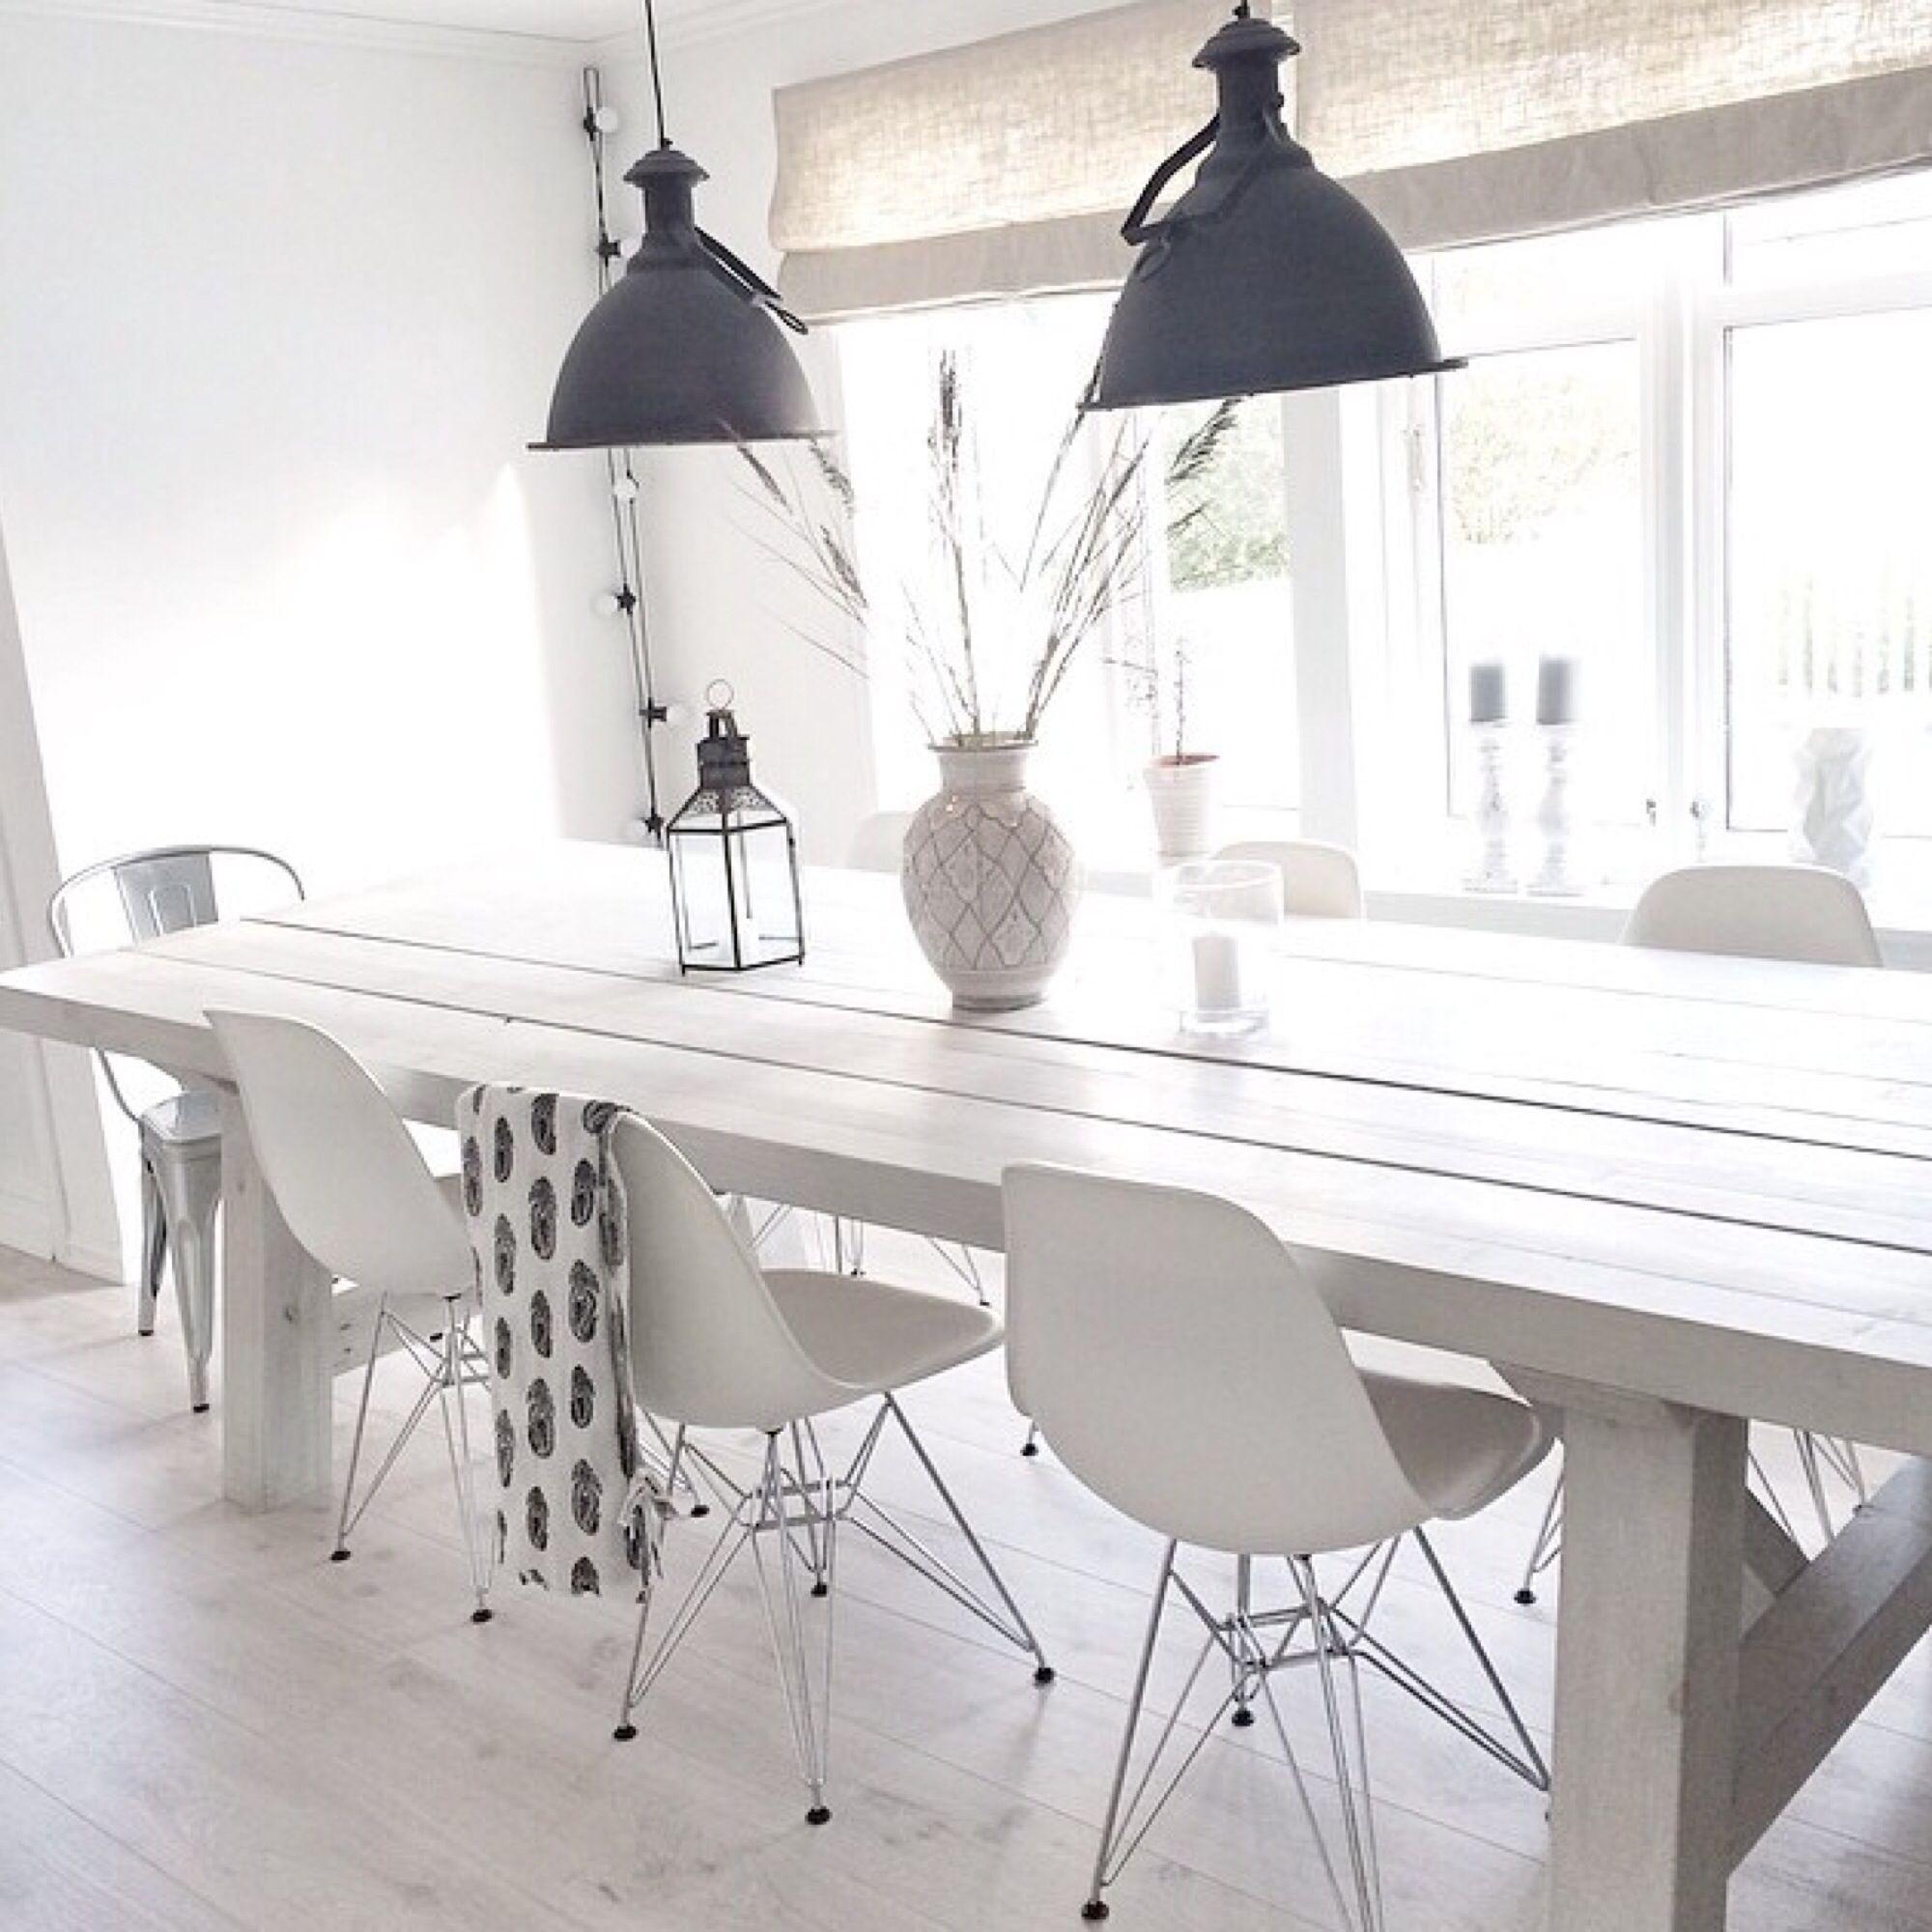 Witte eetkamer - Eetkamer | Pinterest - Eetkamer, Eettafel en Eethoek